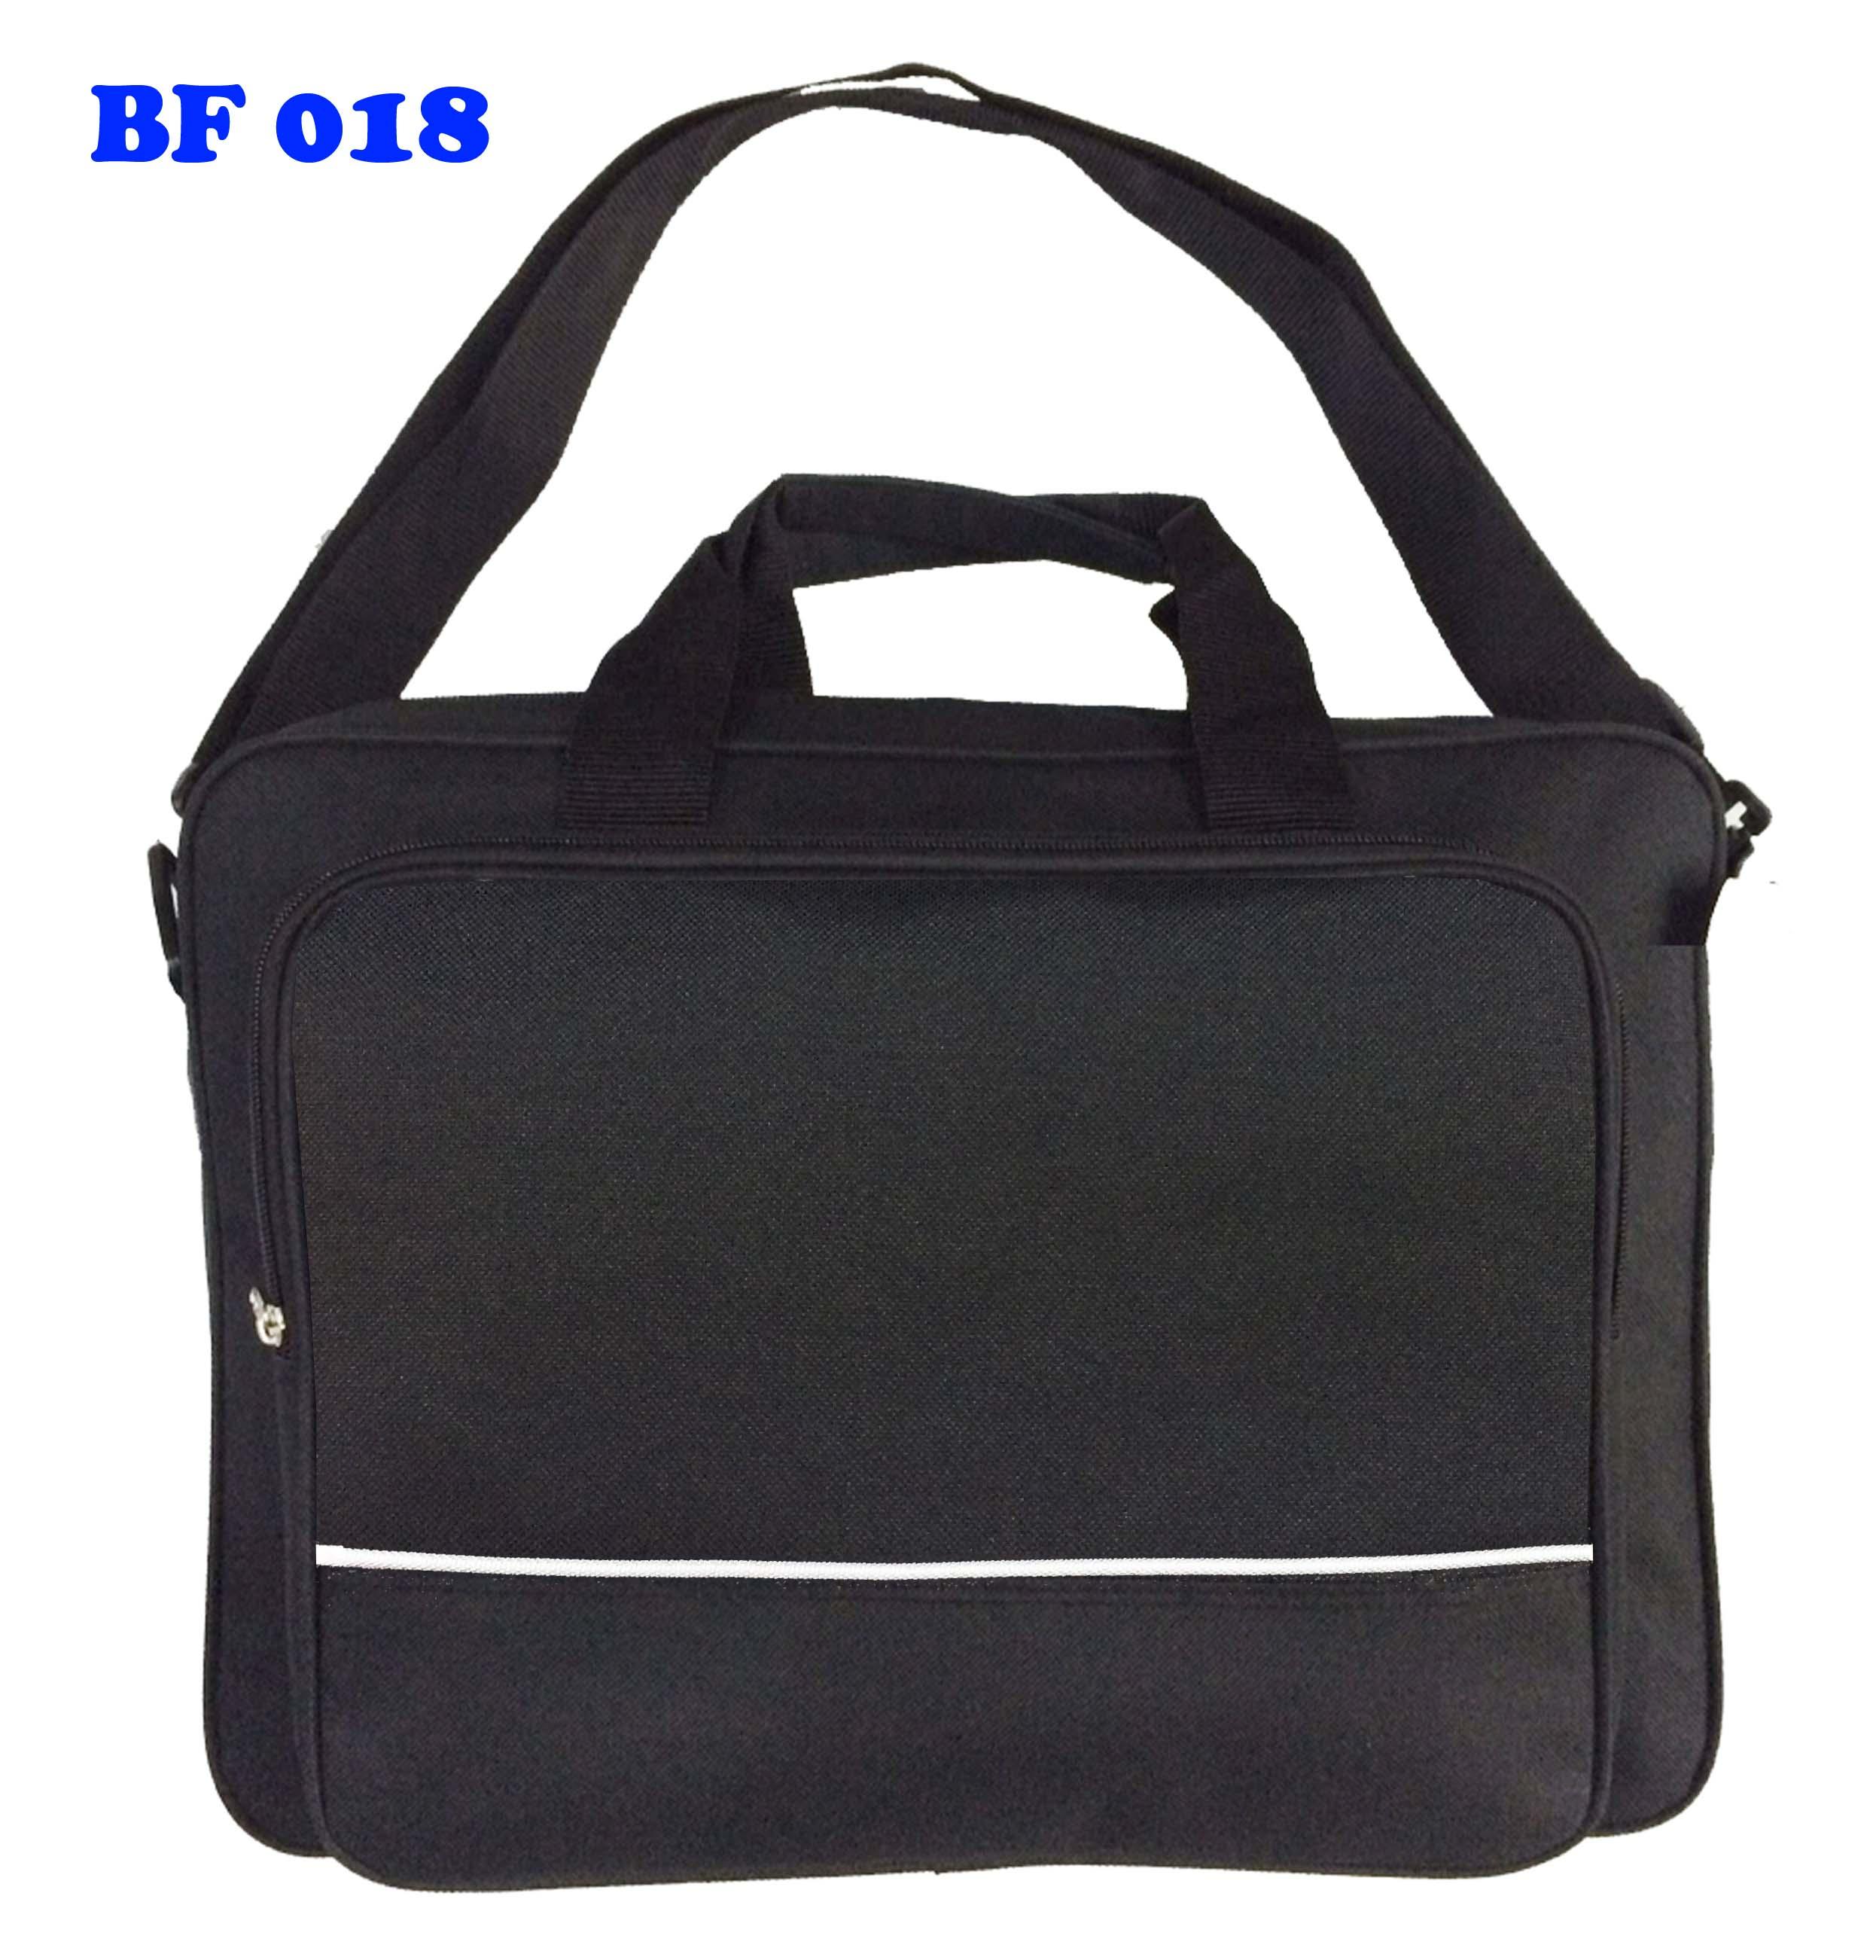 กระเป๋าใส่เอกสาร กระเป๋าอบรมสัมมนา BF 018